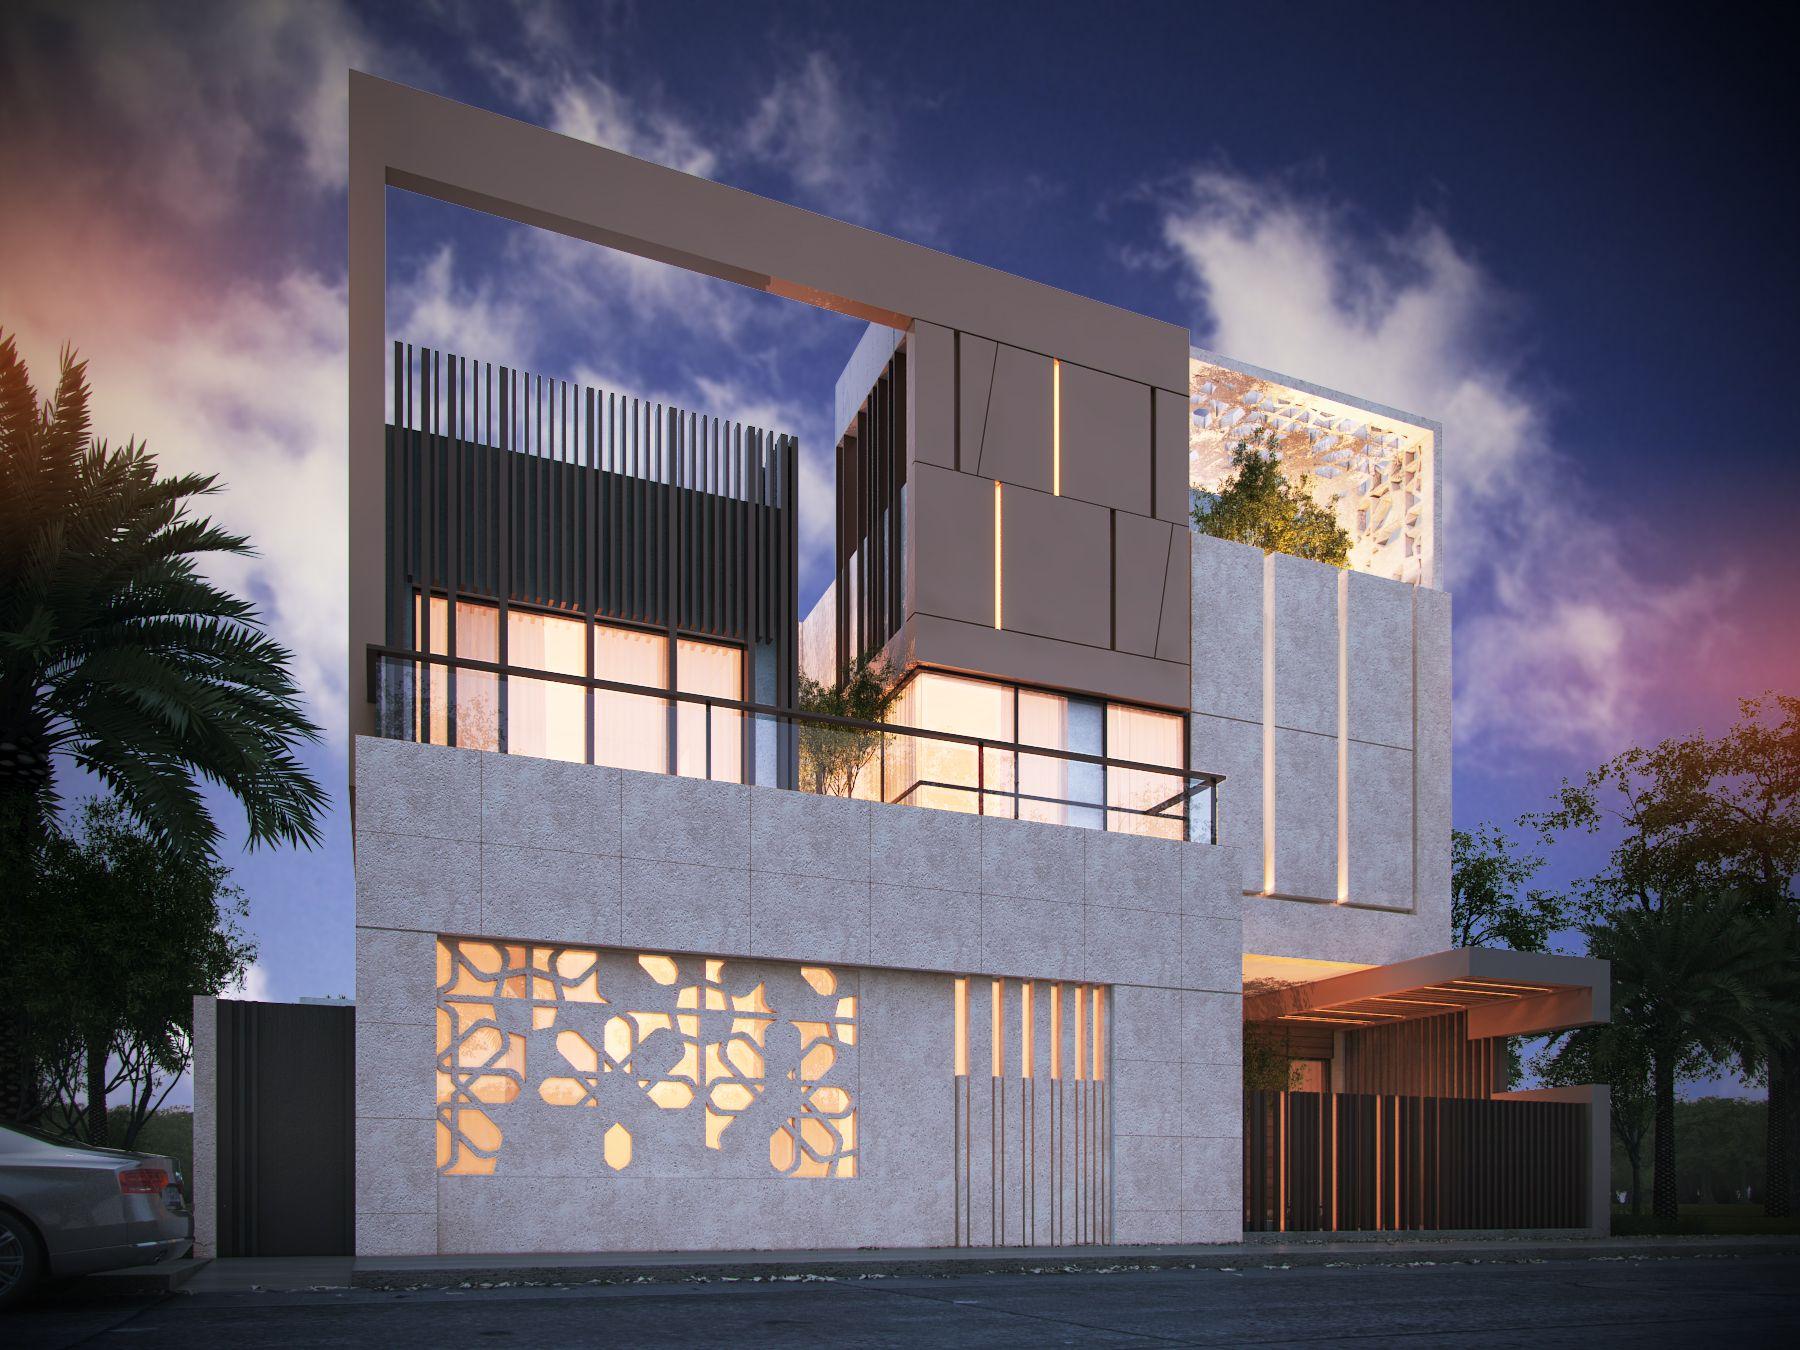 600 m private villa kuwait sarah sadeq architects sarah sadeq